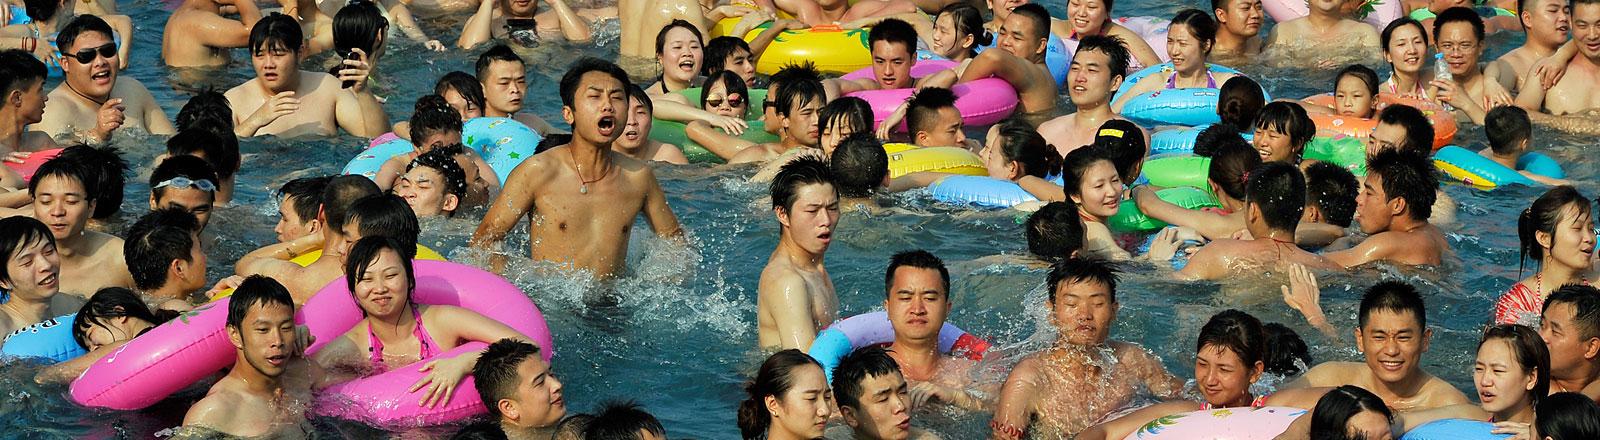 Chinesen im Wasser